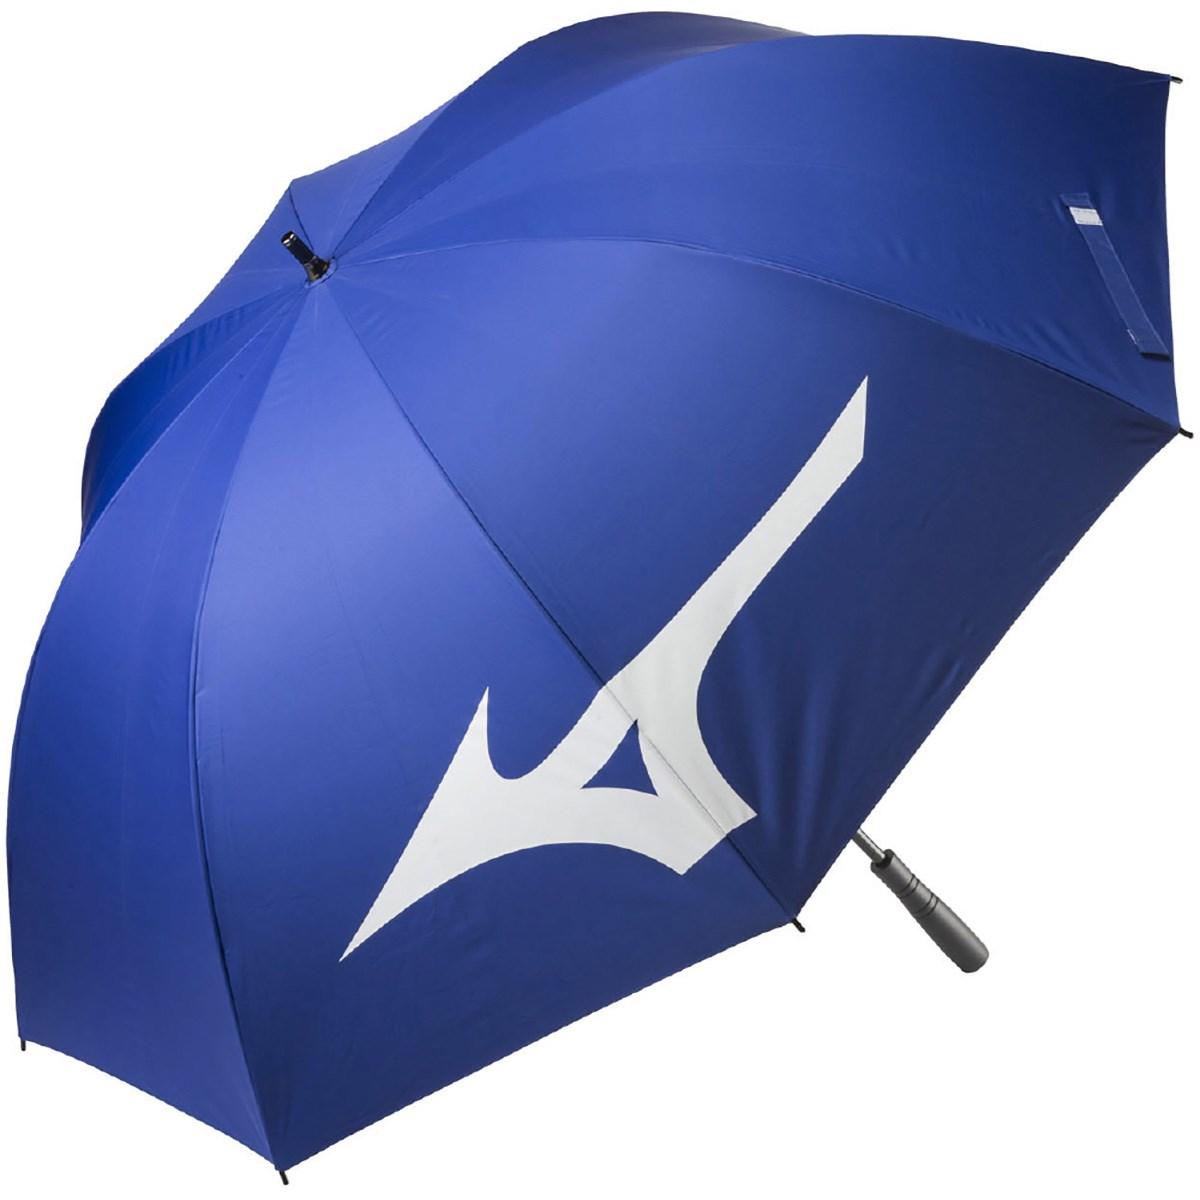 ミズノ(MIZUNO) ツアーレプリカ傘